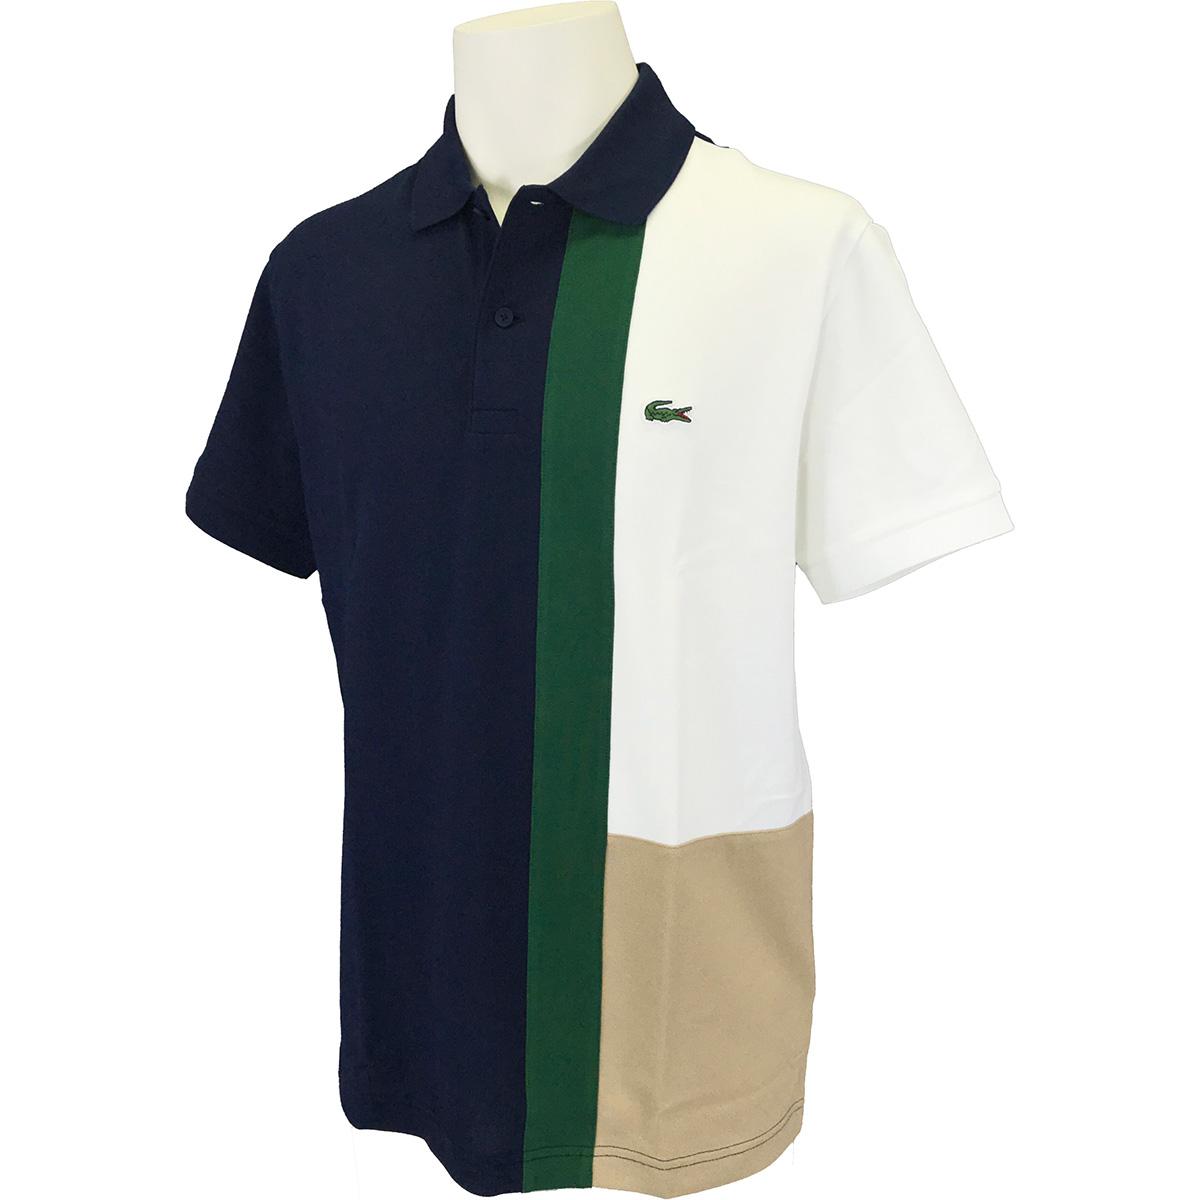 フロントパネル配色 半袖ポロシャツ